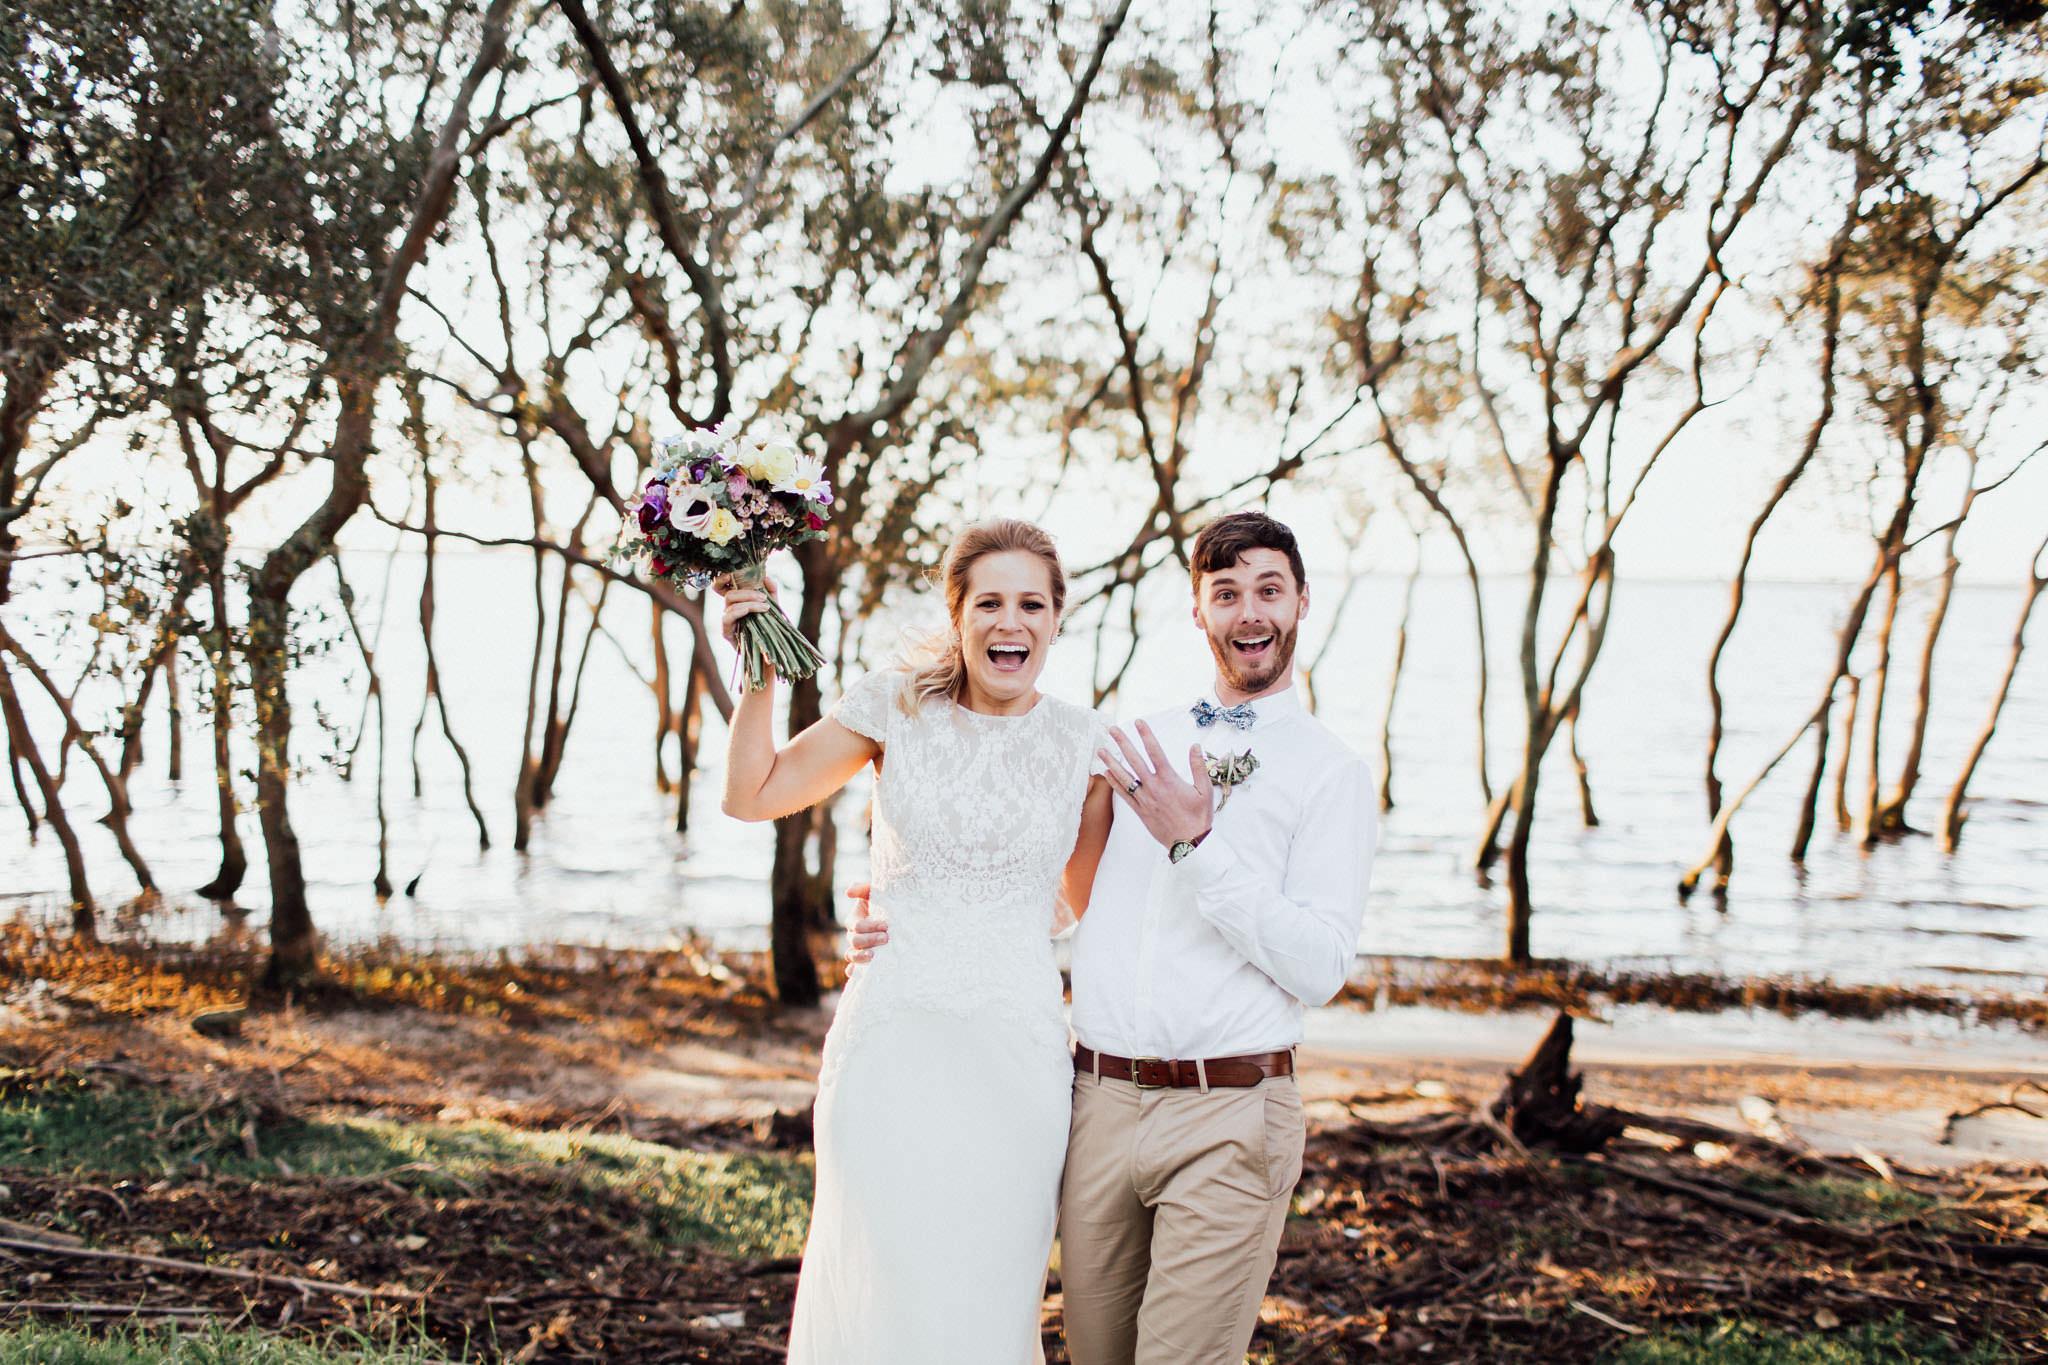 WeddingPhotos_Facebook_2048pixels-1724.jpg